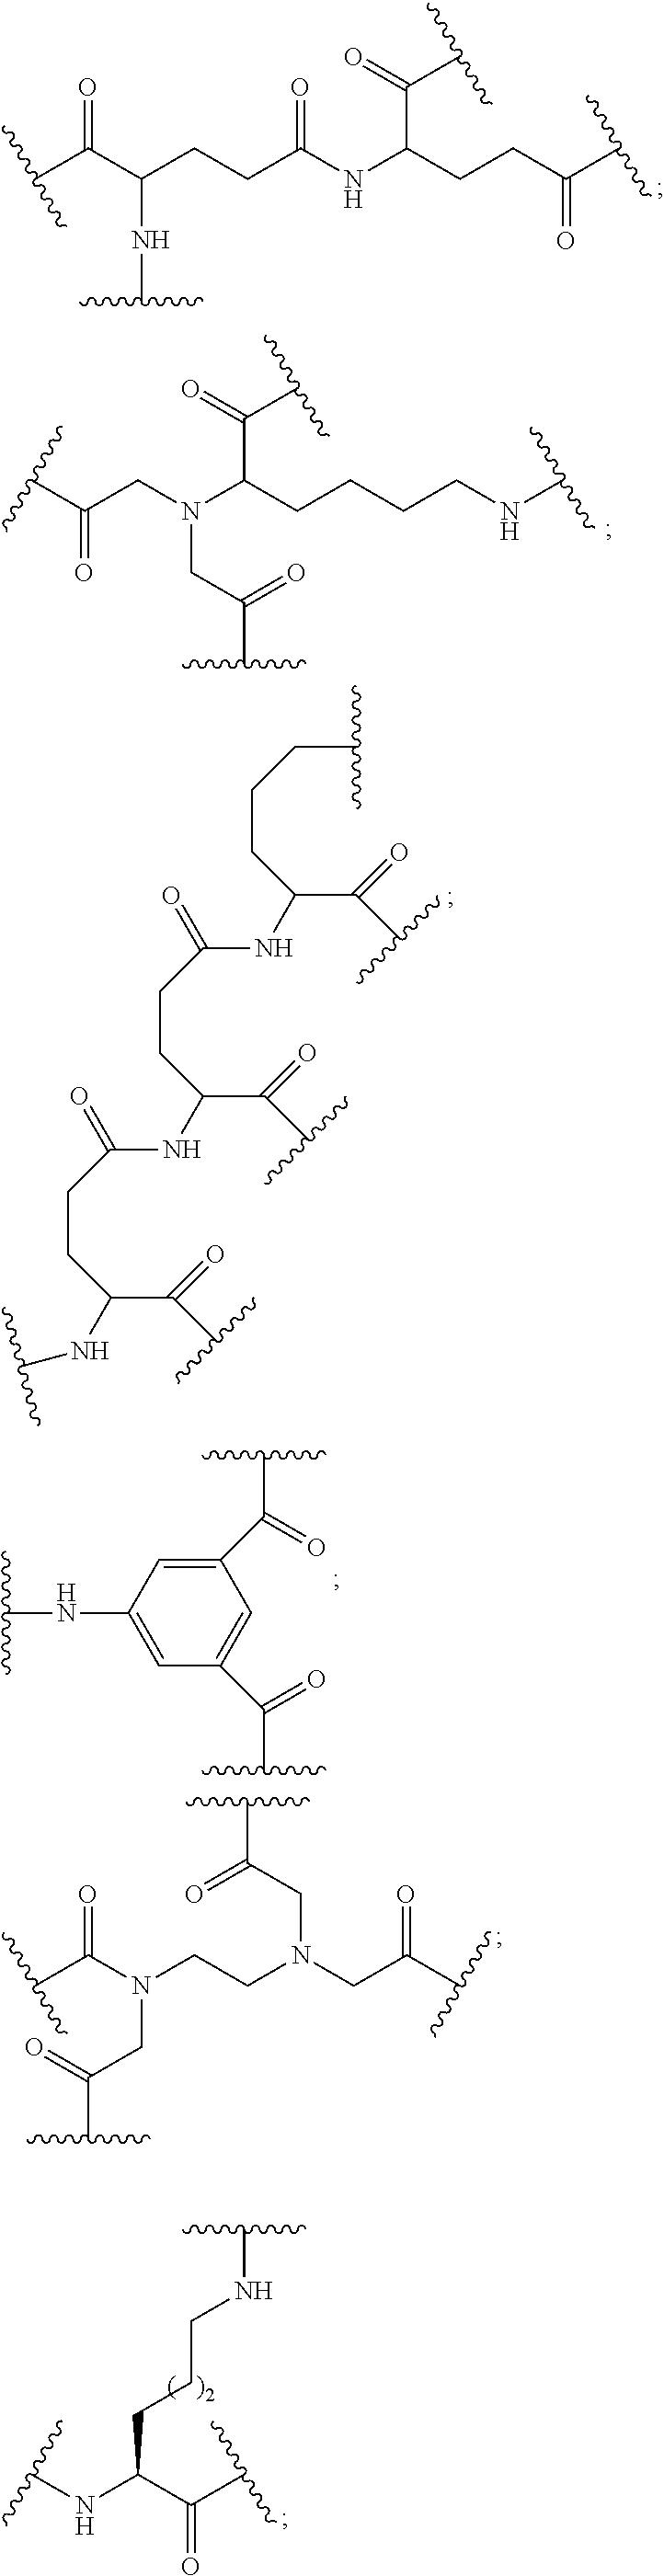 Figure US09932580-20180403-C00046